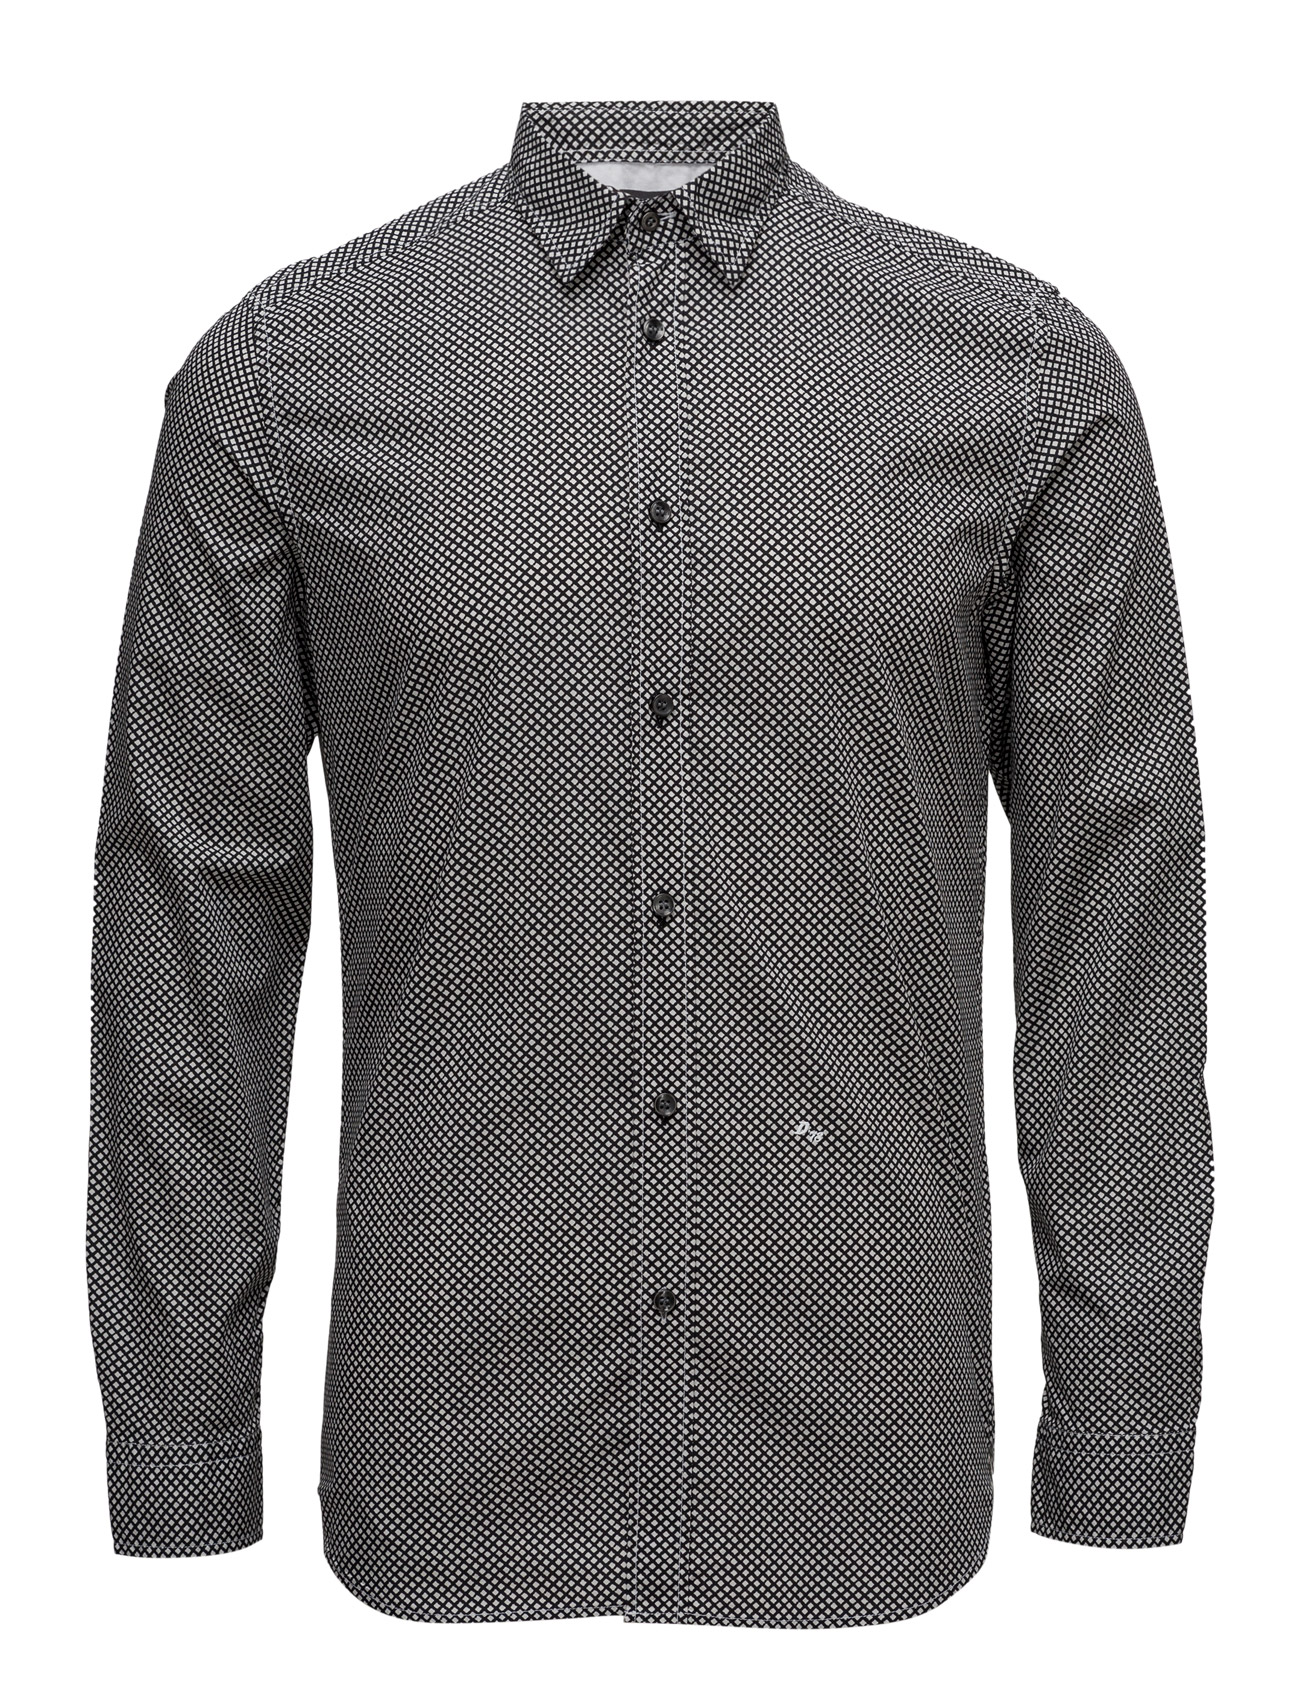 3751bab9 Megakule S-Moon Shirt Diesel Men Casual Sko til i fantastisk kvalitet